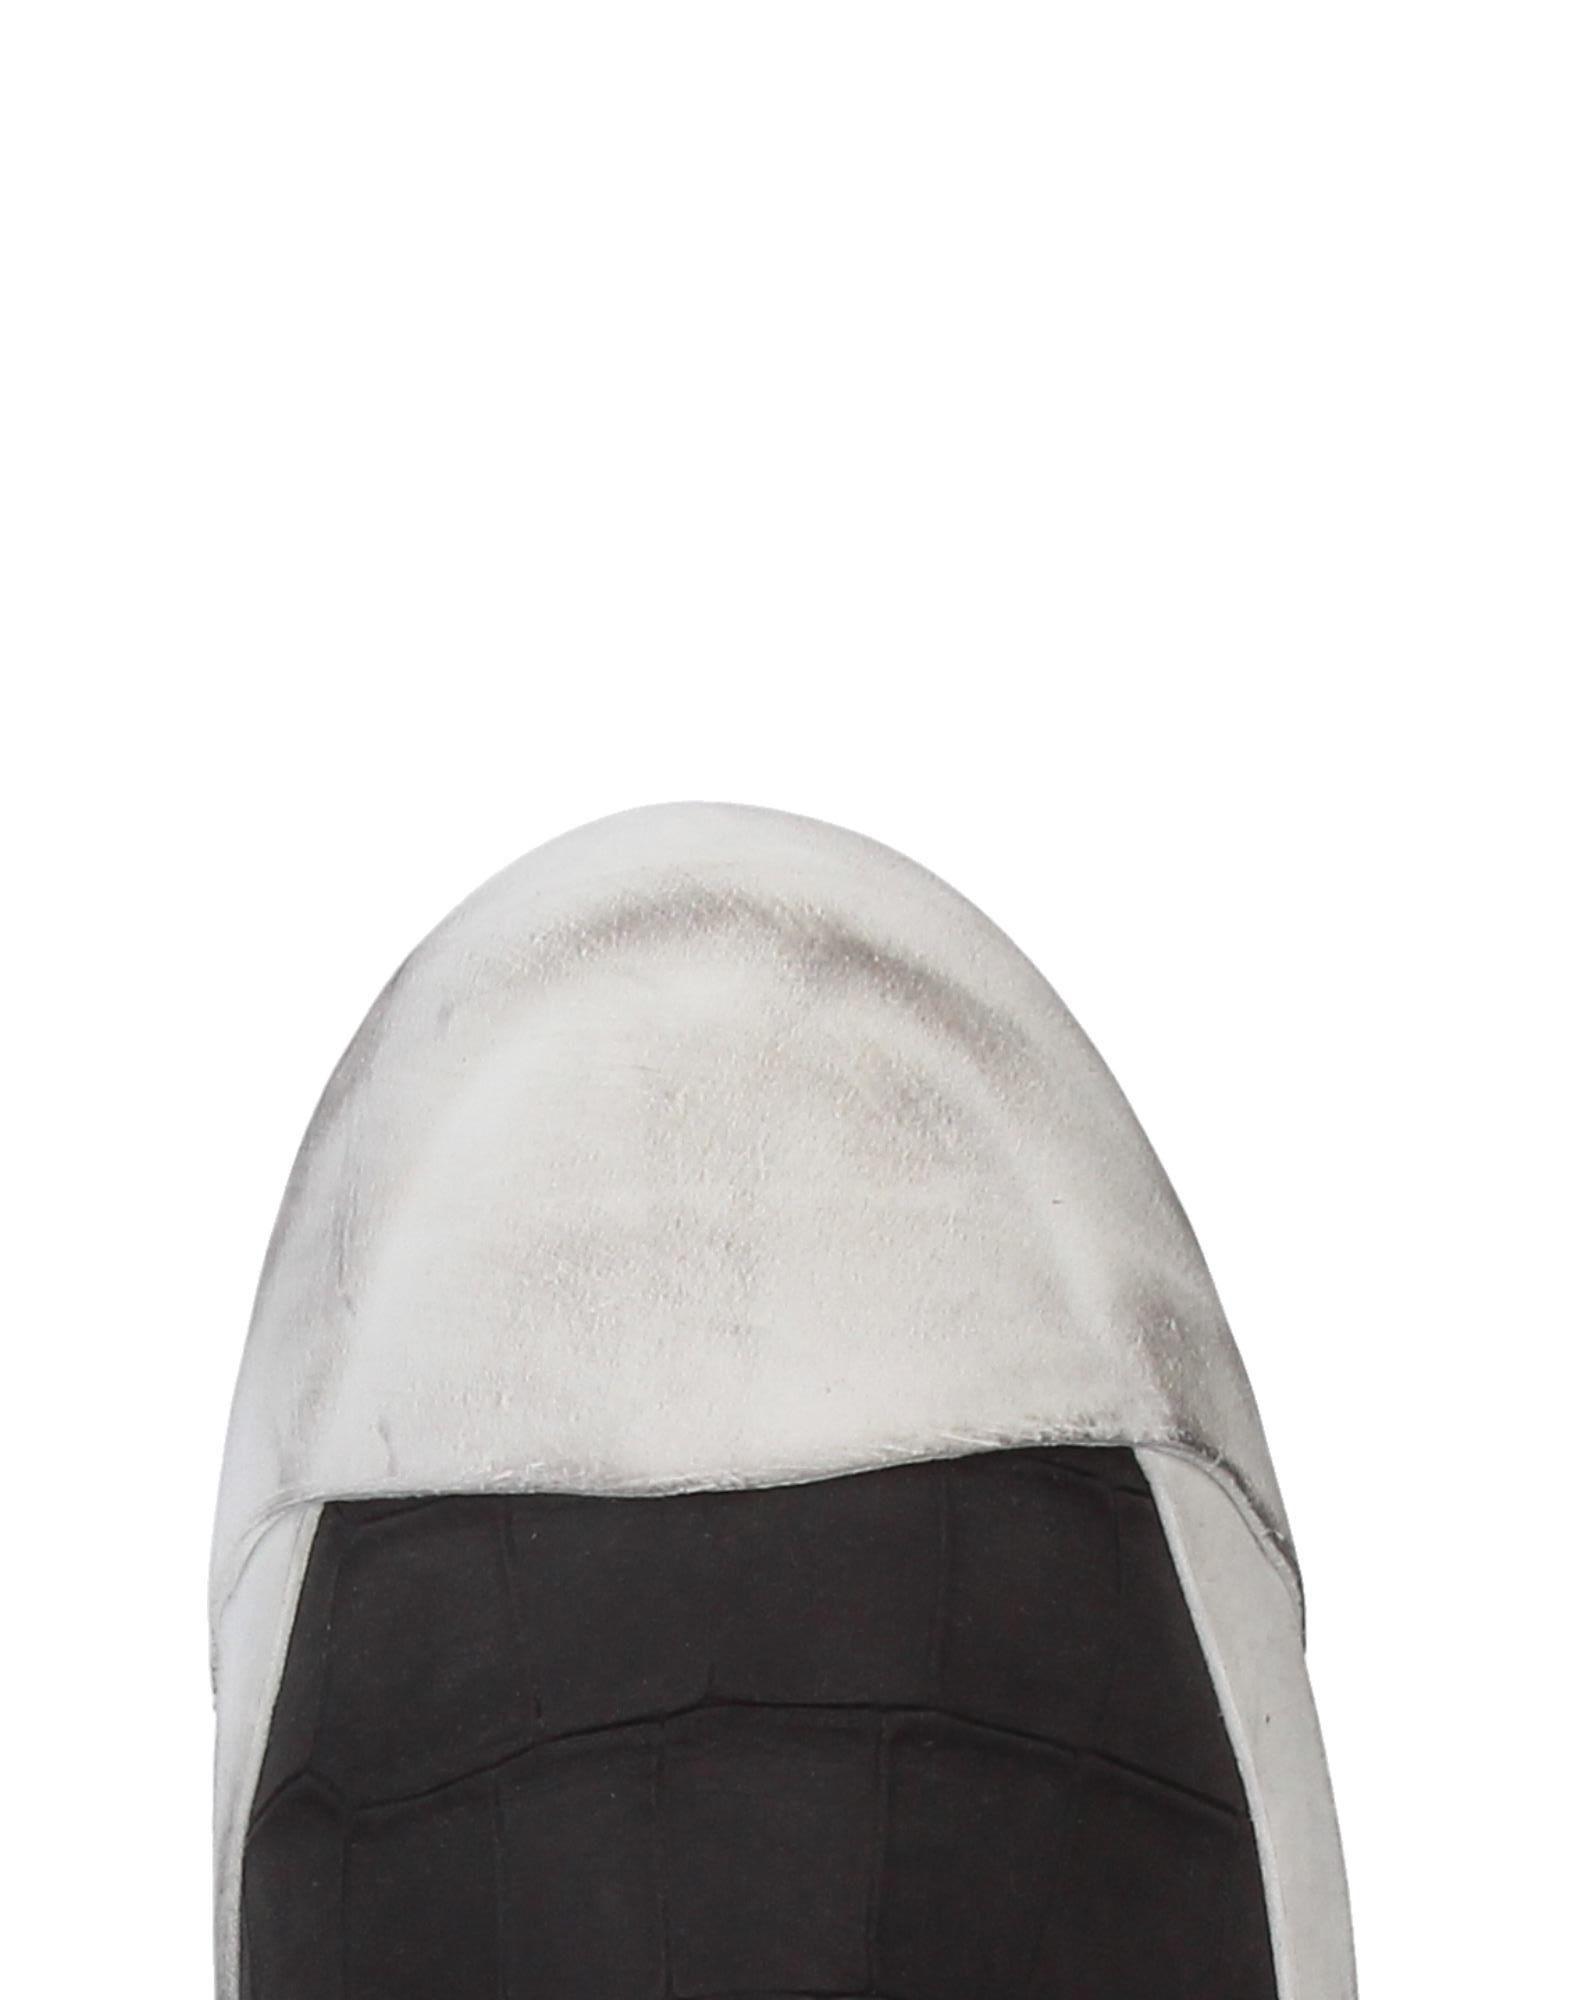 O.X.S. Sneakers Sneakers Sneakers Damen  11400250JM Gute Qualität beliebte Schuhe 4b2274